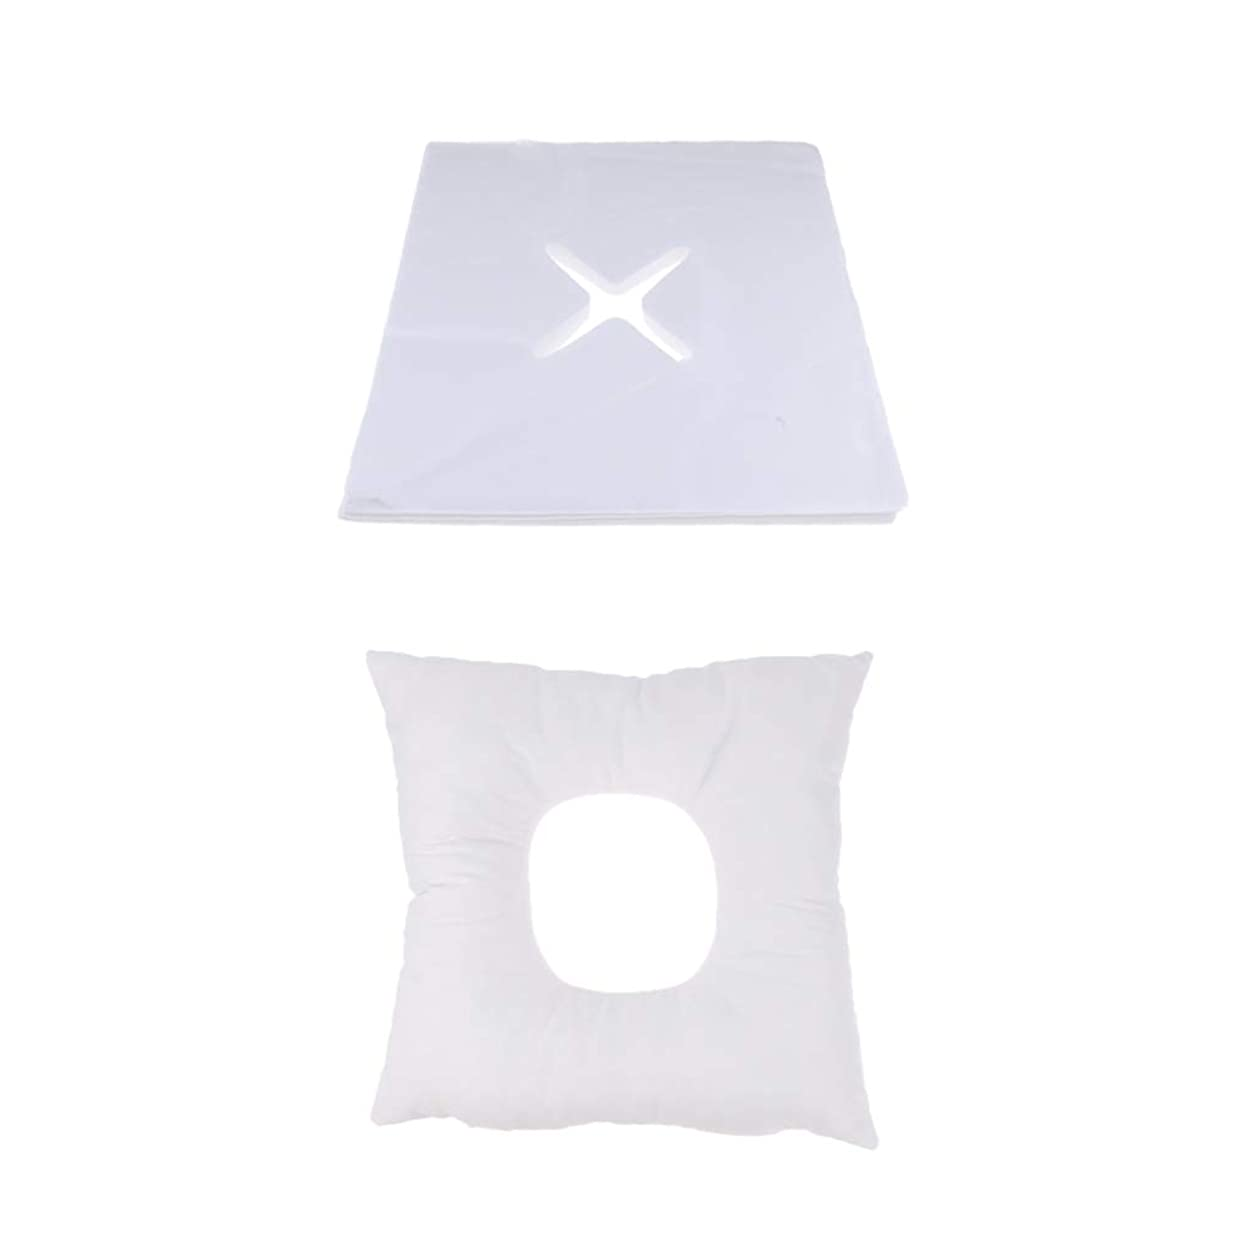 ほのかお茶ハンサムD DOLITY マッサージ枕 顔枕 フェイスマット 200個使い捨てカバー付き 柔らかく快適